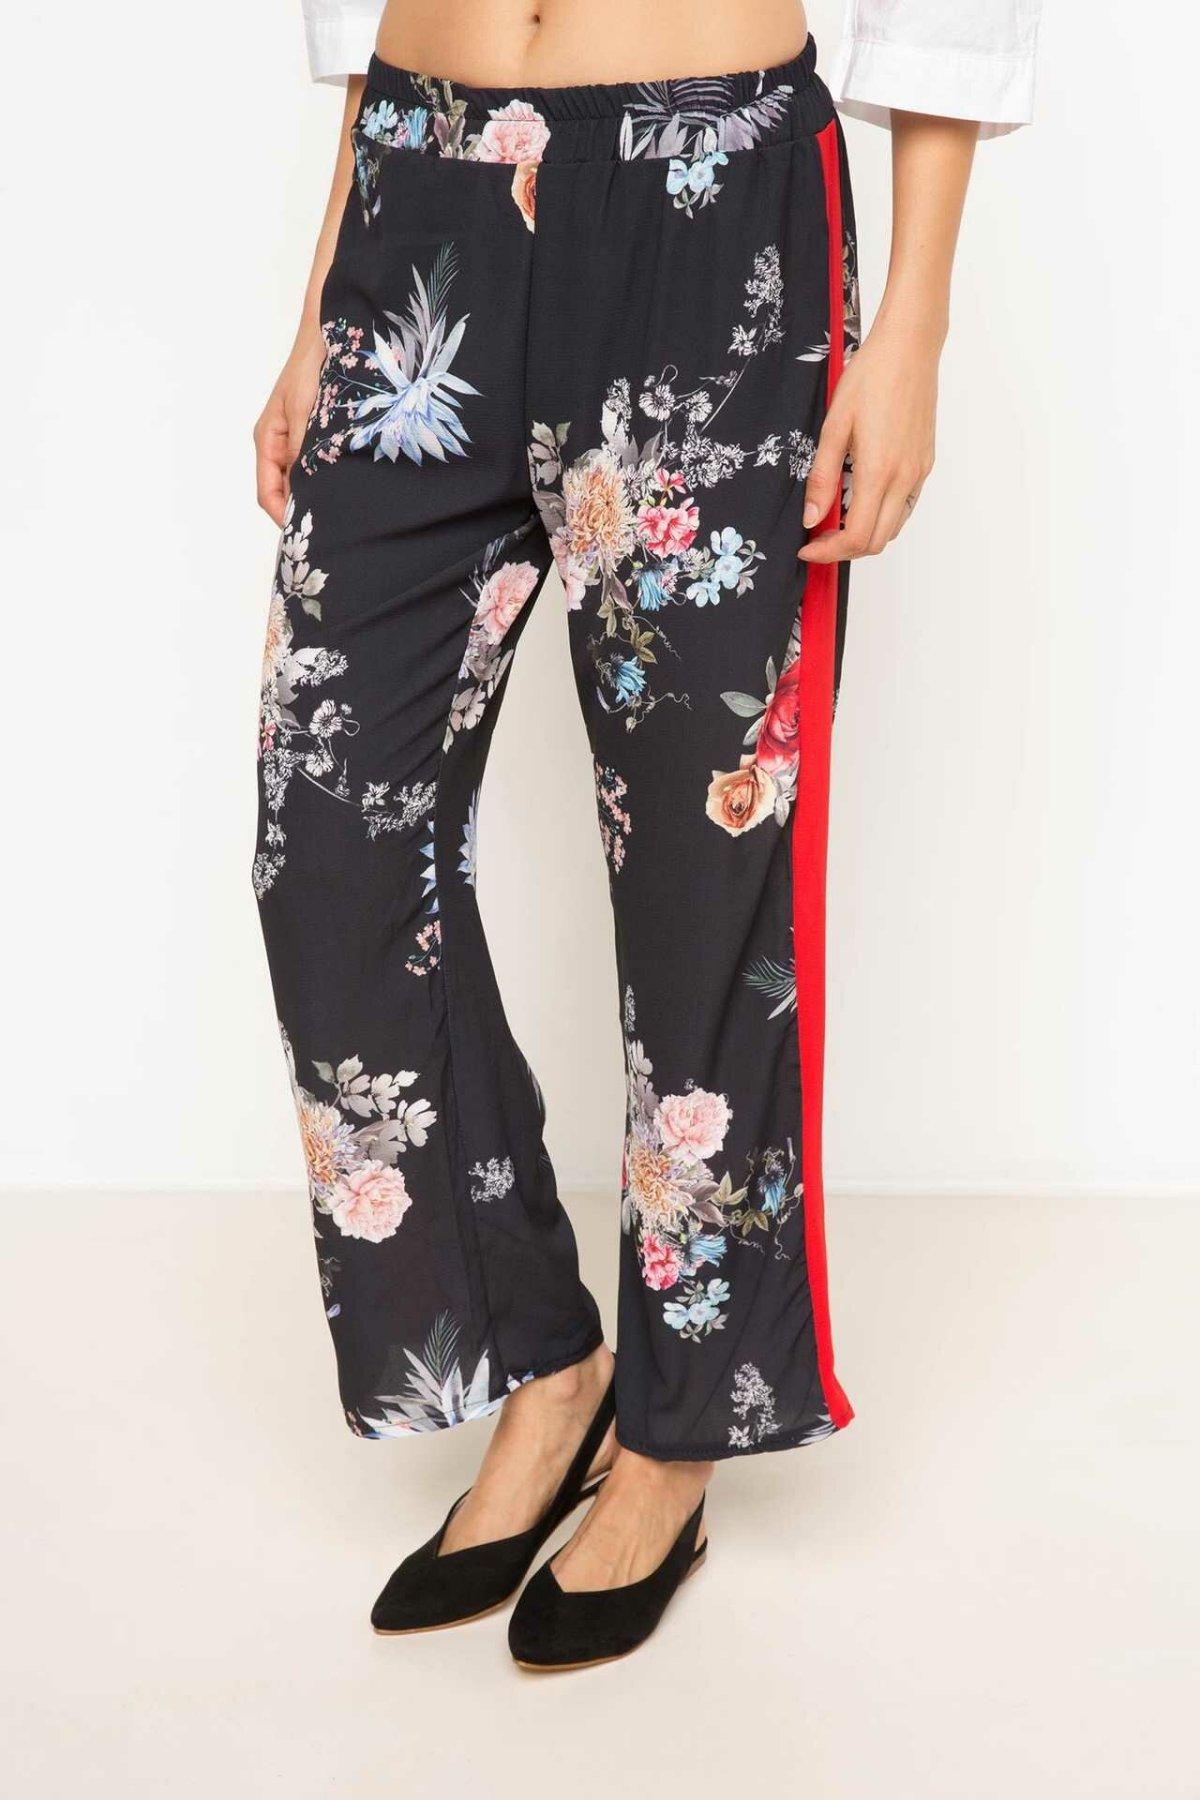 DeFacto Woman Floral Prints Long Pants Women Casual Loose Bottoms Female Elastic Black Trousers-I0284AZ17HS